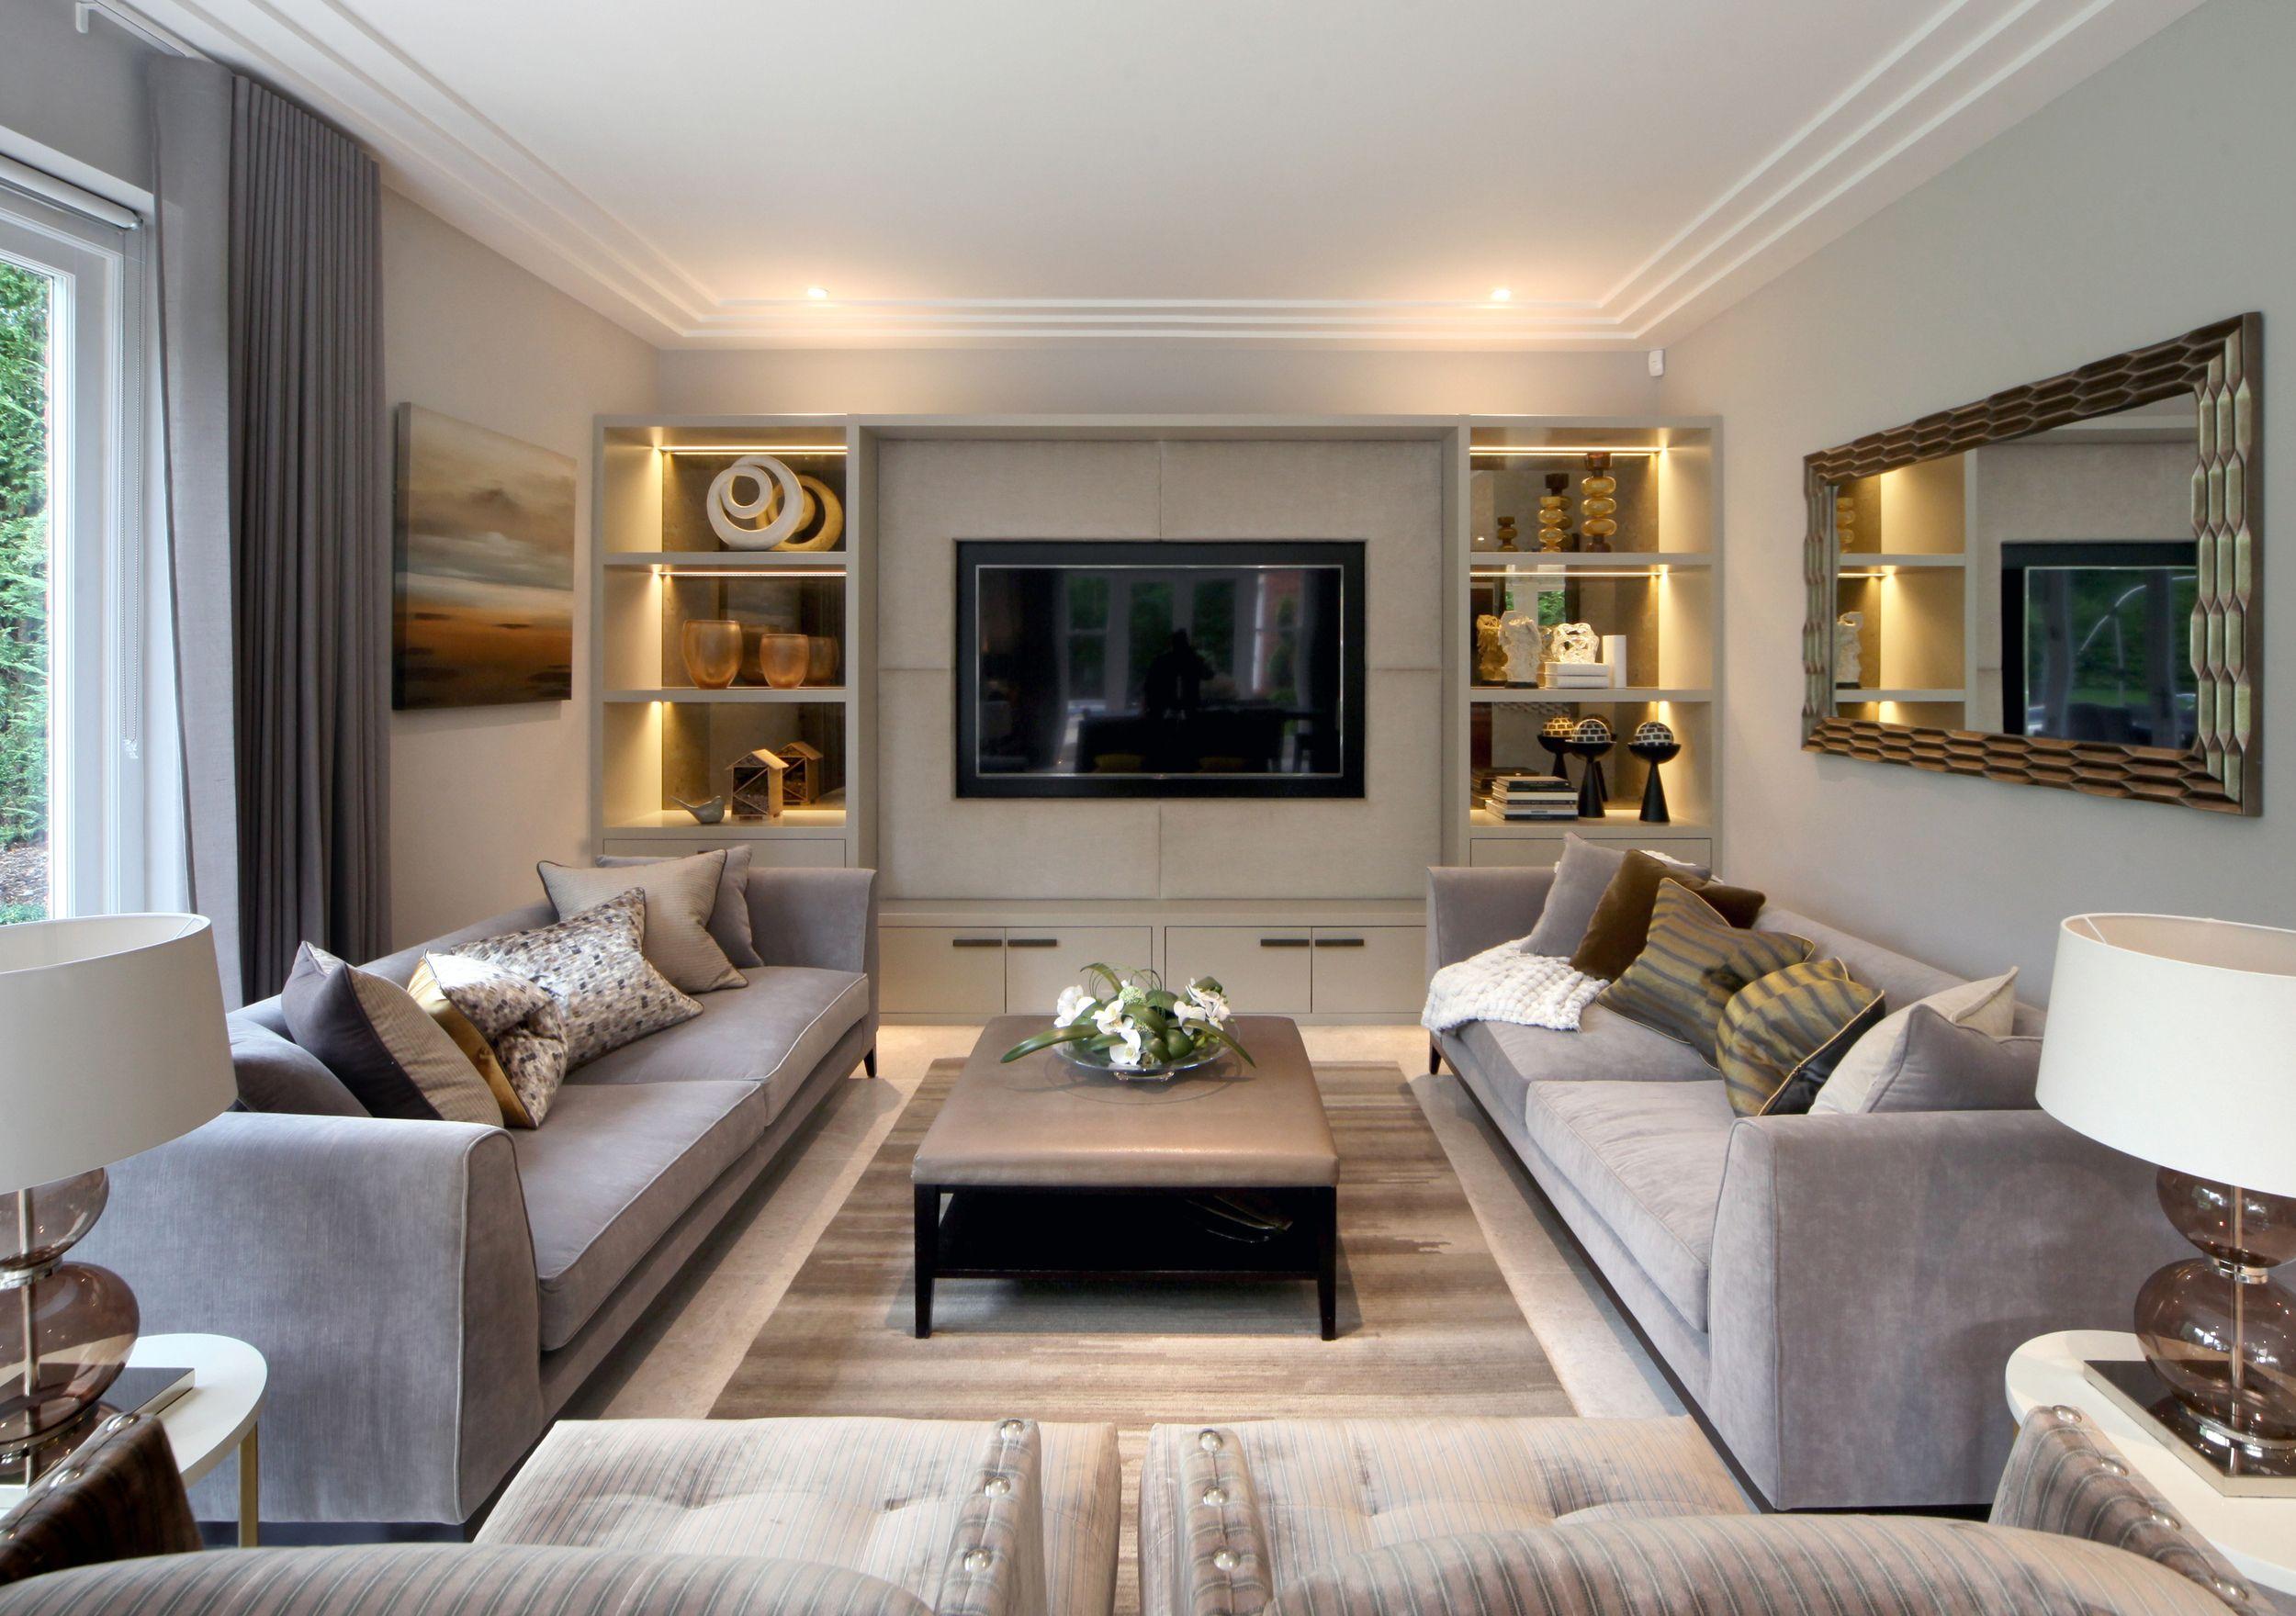 Hush Design Luxury Interior Designers Surrey London Luxury Interior Elegant Living Room Decor Tv Room Design Pictures about livingroom hush